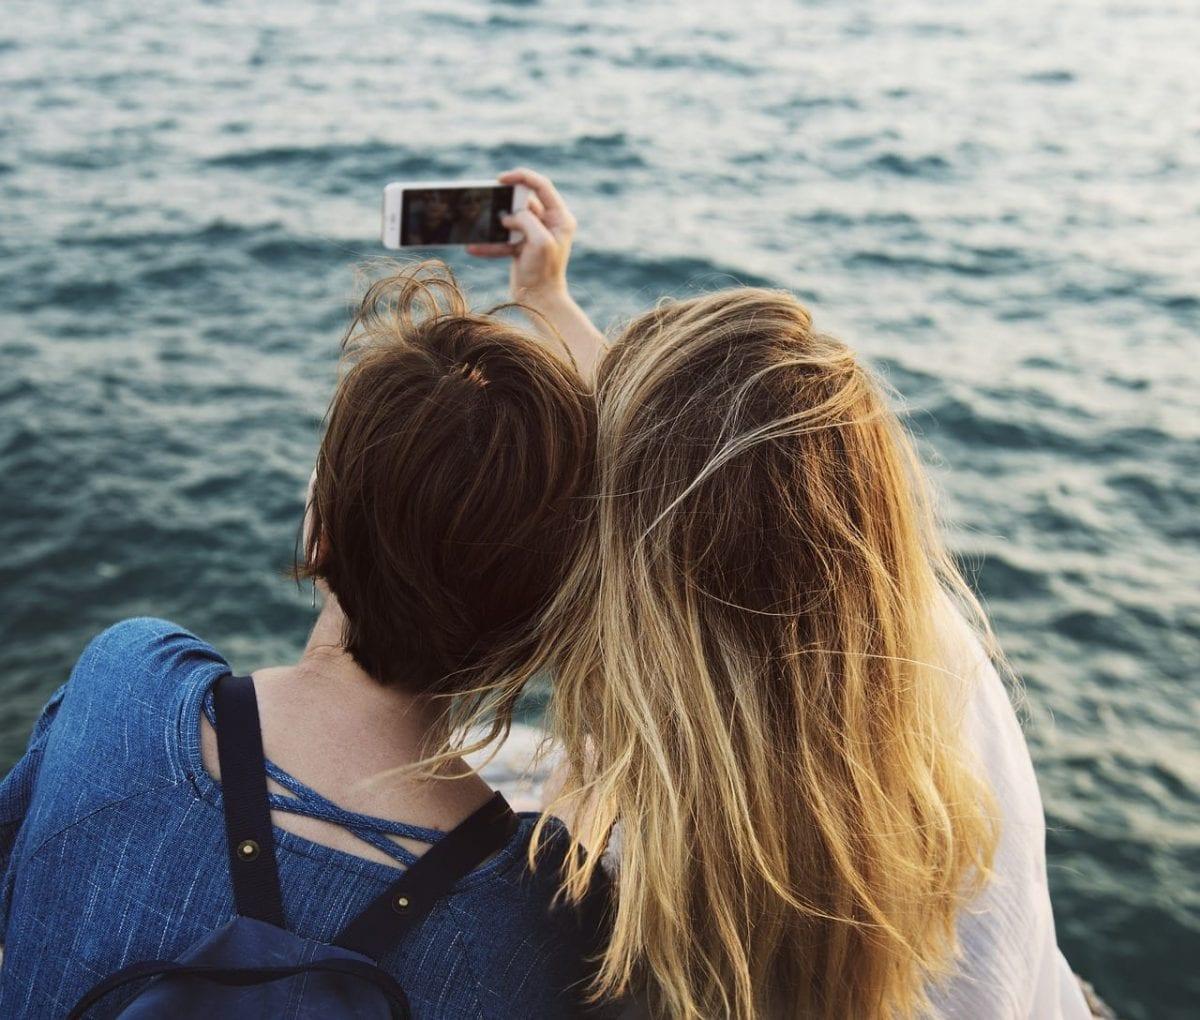 Mais de 250 pessoas no mundo morreram tirando uma selfie